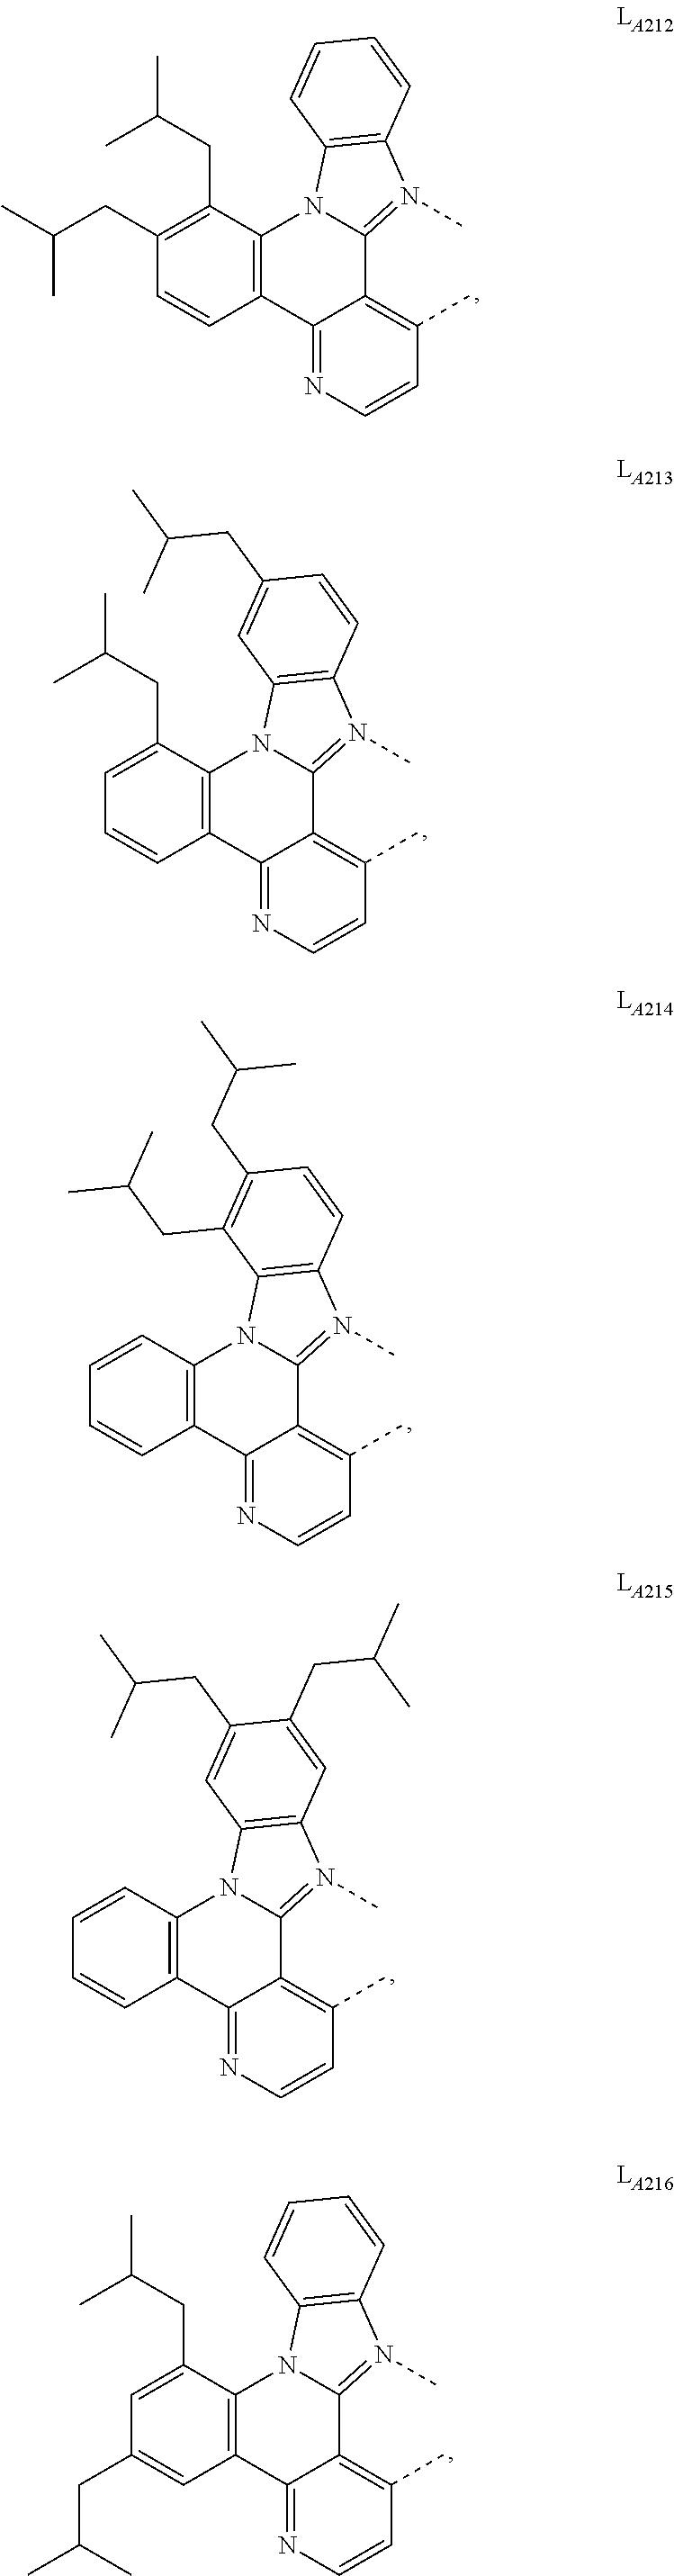 Figure US09905785-20180227-C00074